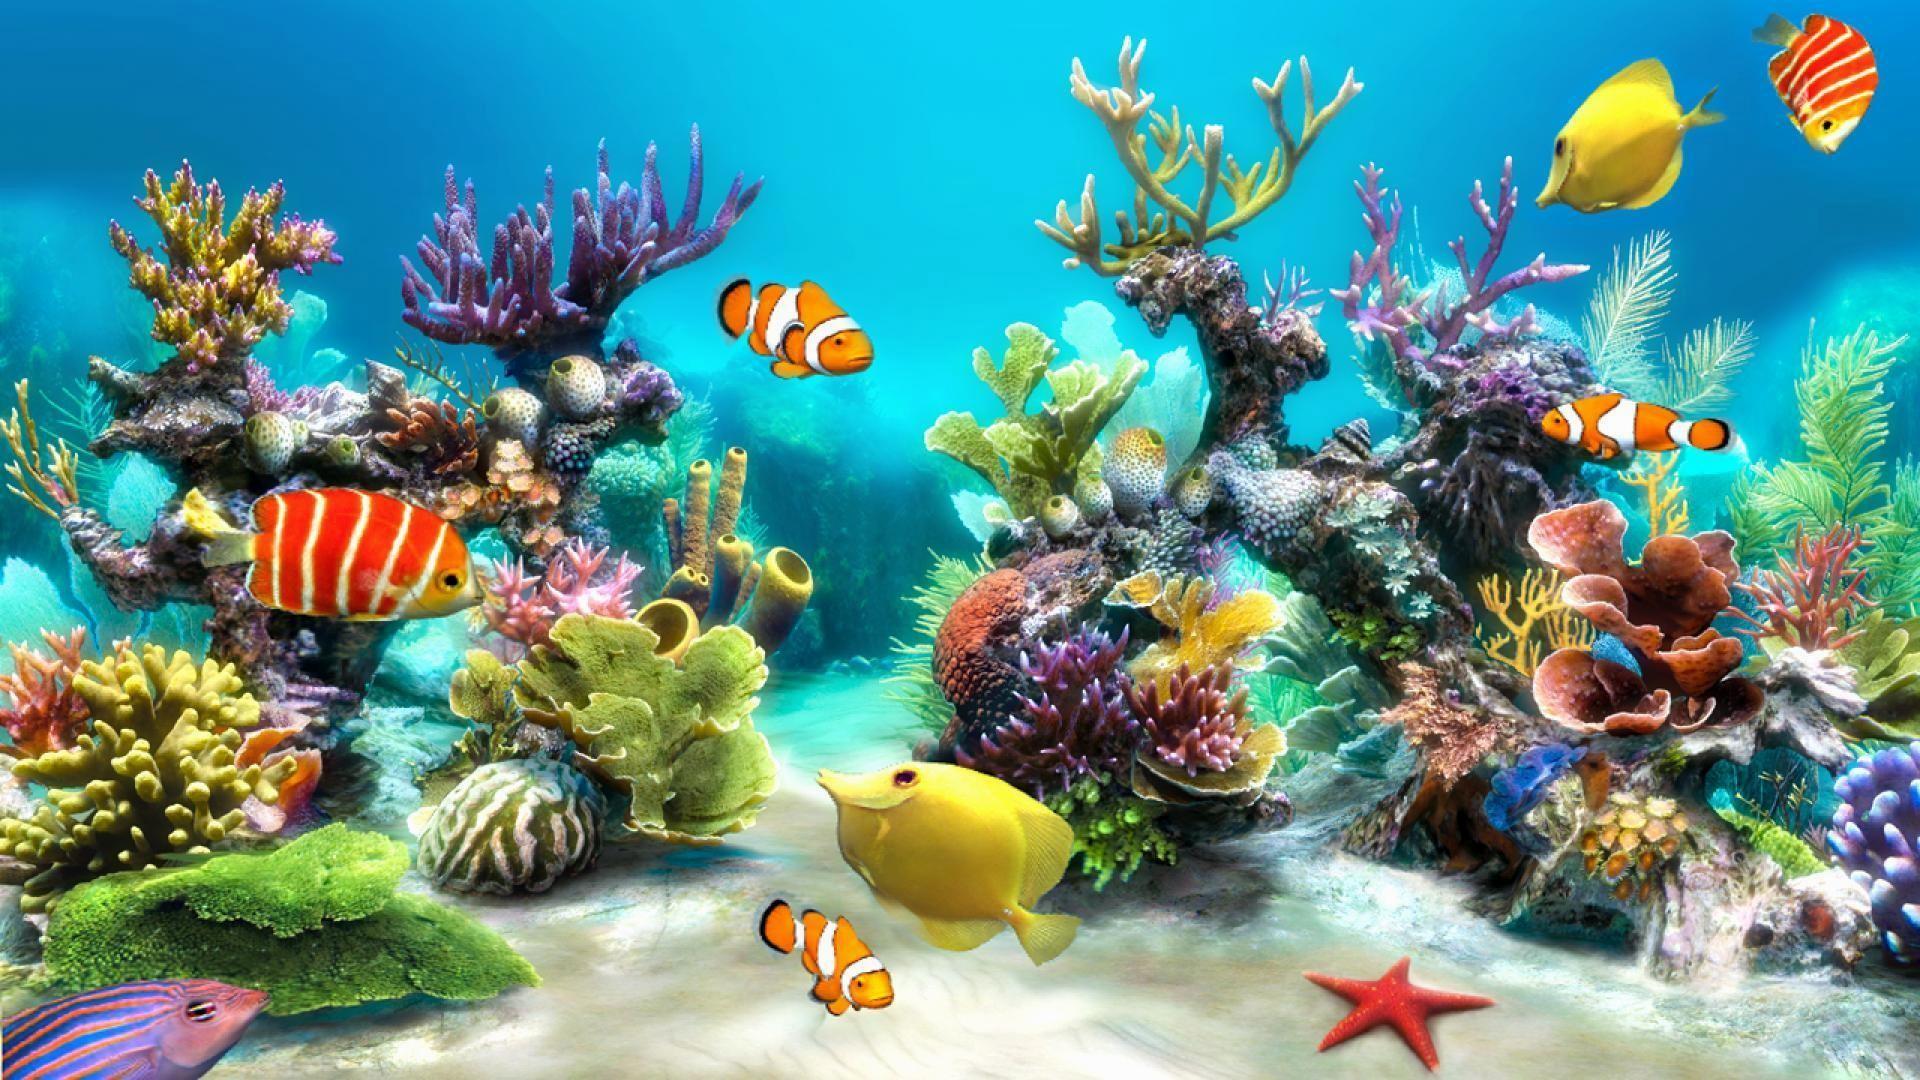 Animated Aquarium Desktop Wallpaper 53 Images